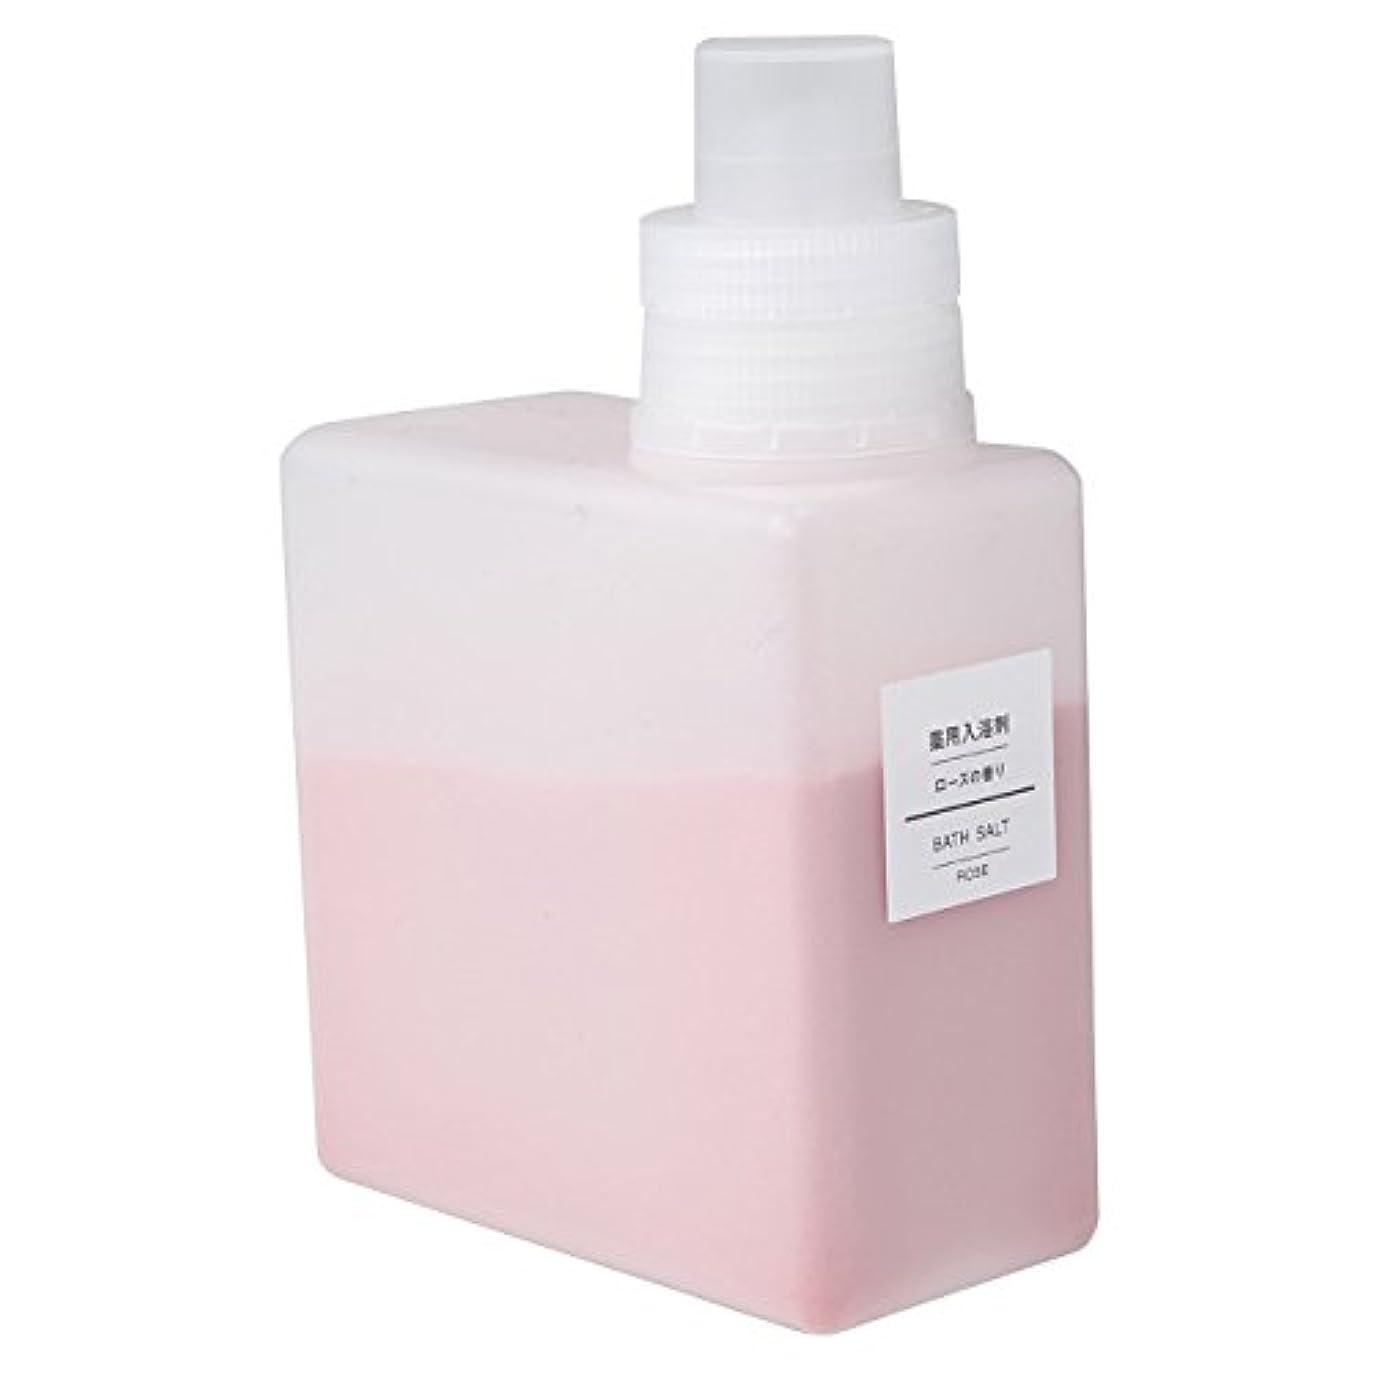 闇脱走成長する無印良品 薬用入浴剤・ローズの香り (新)500g 日本製